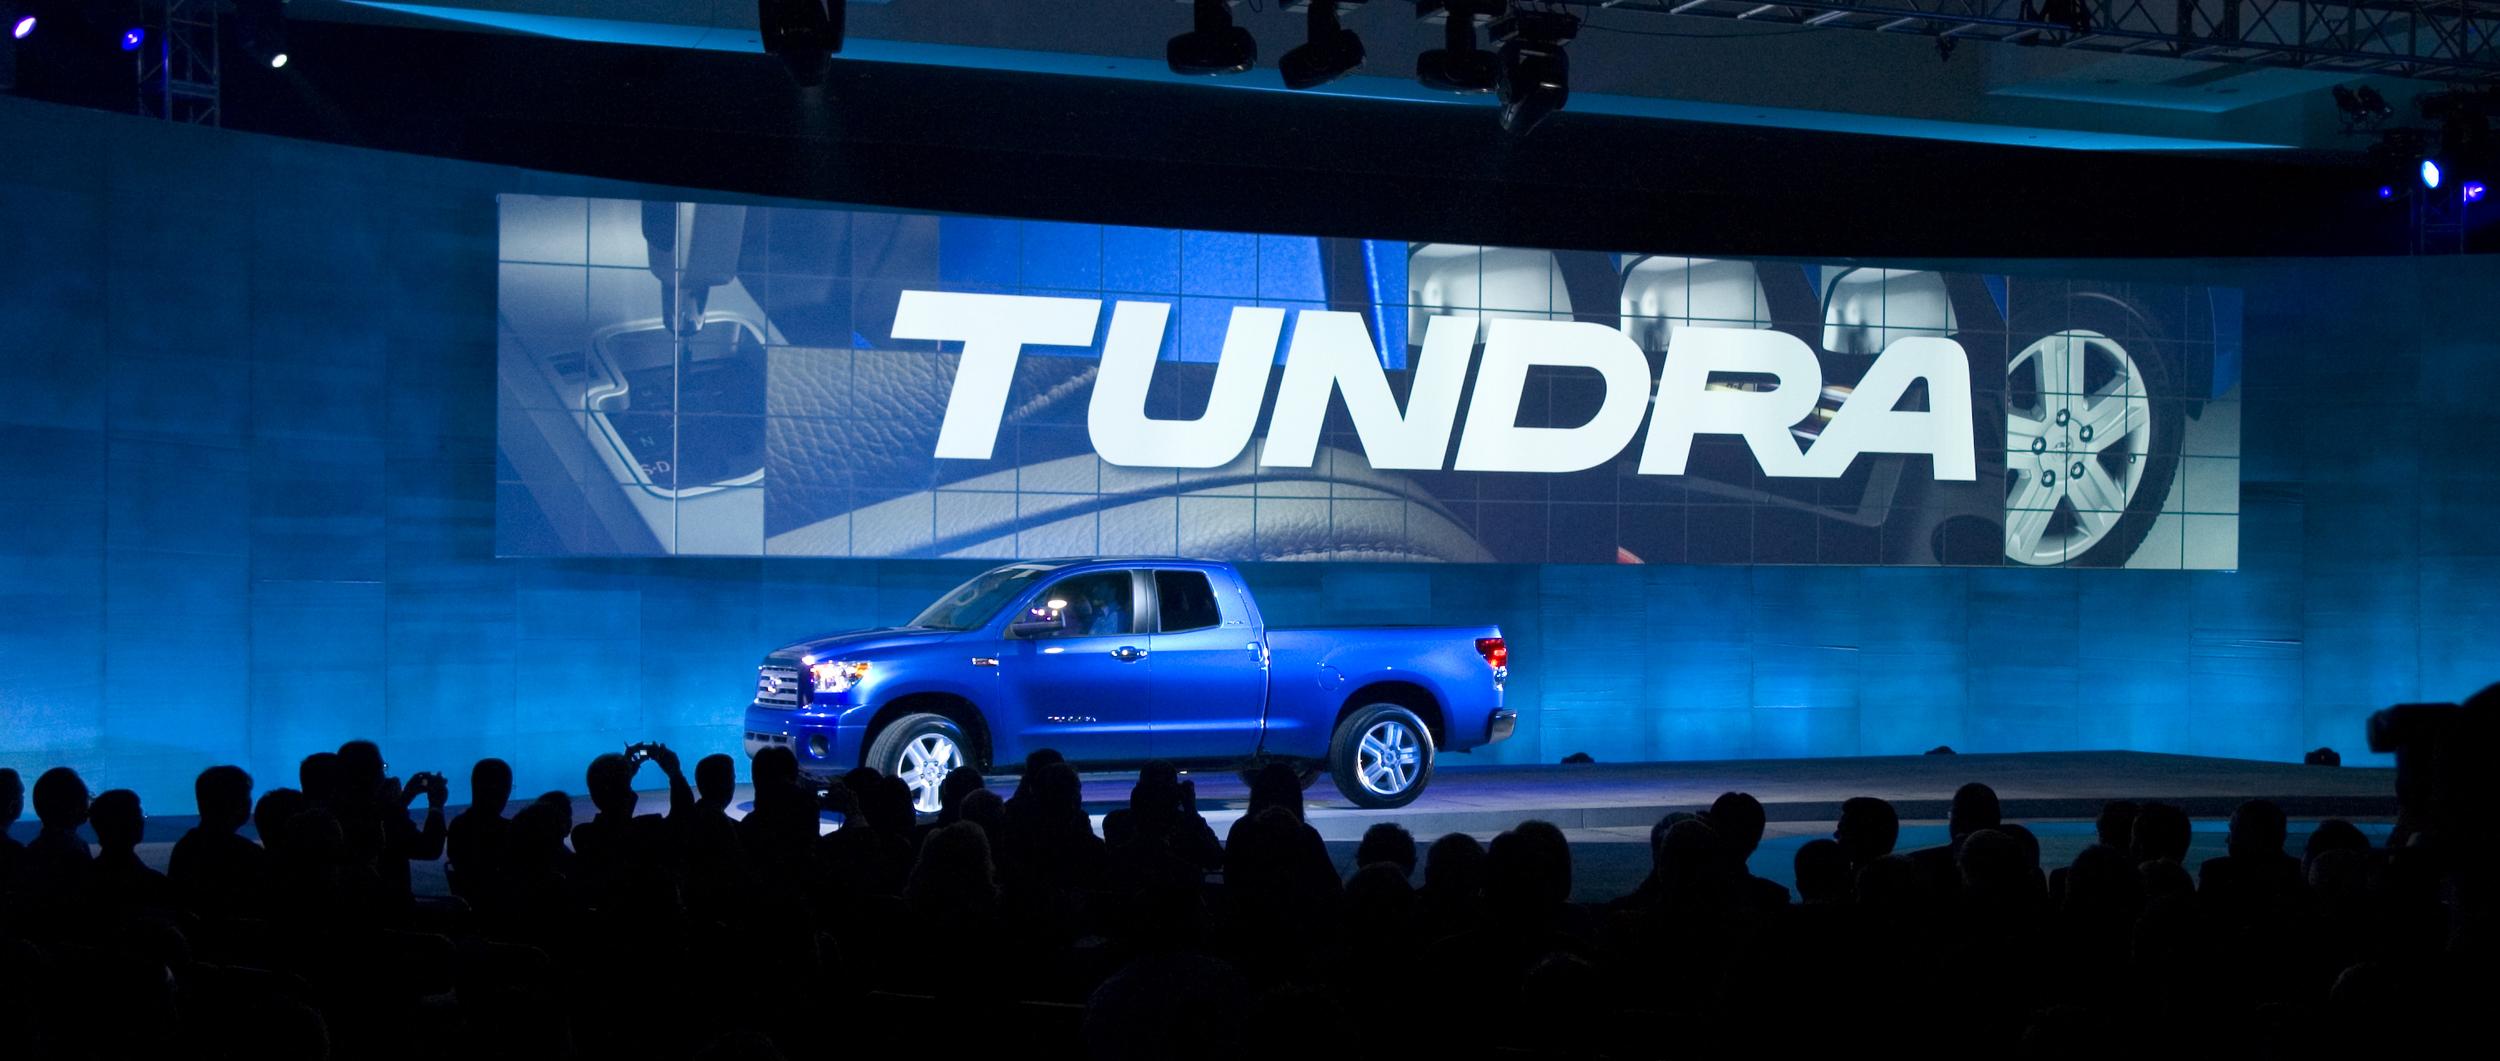 Tundra Launch